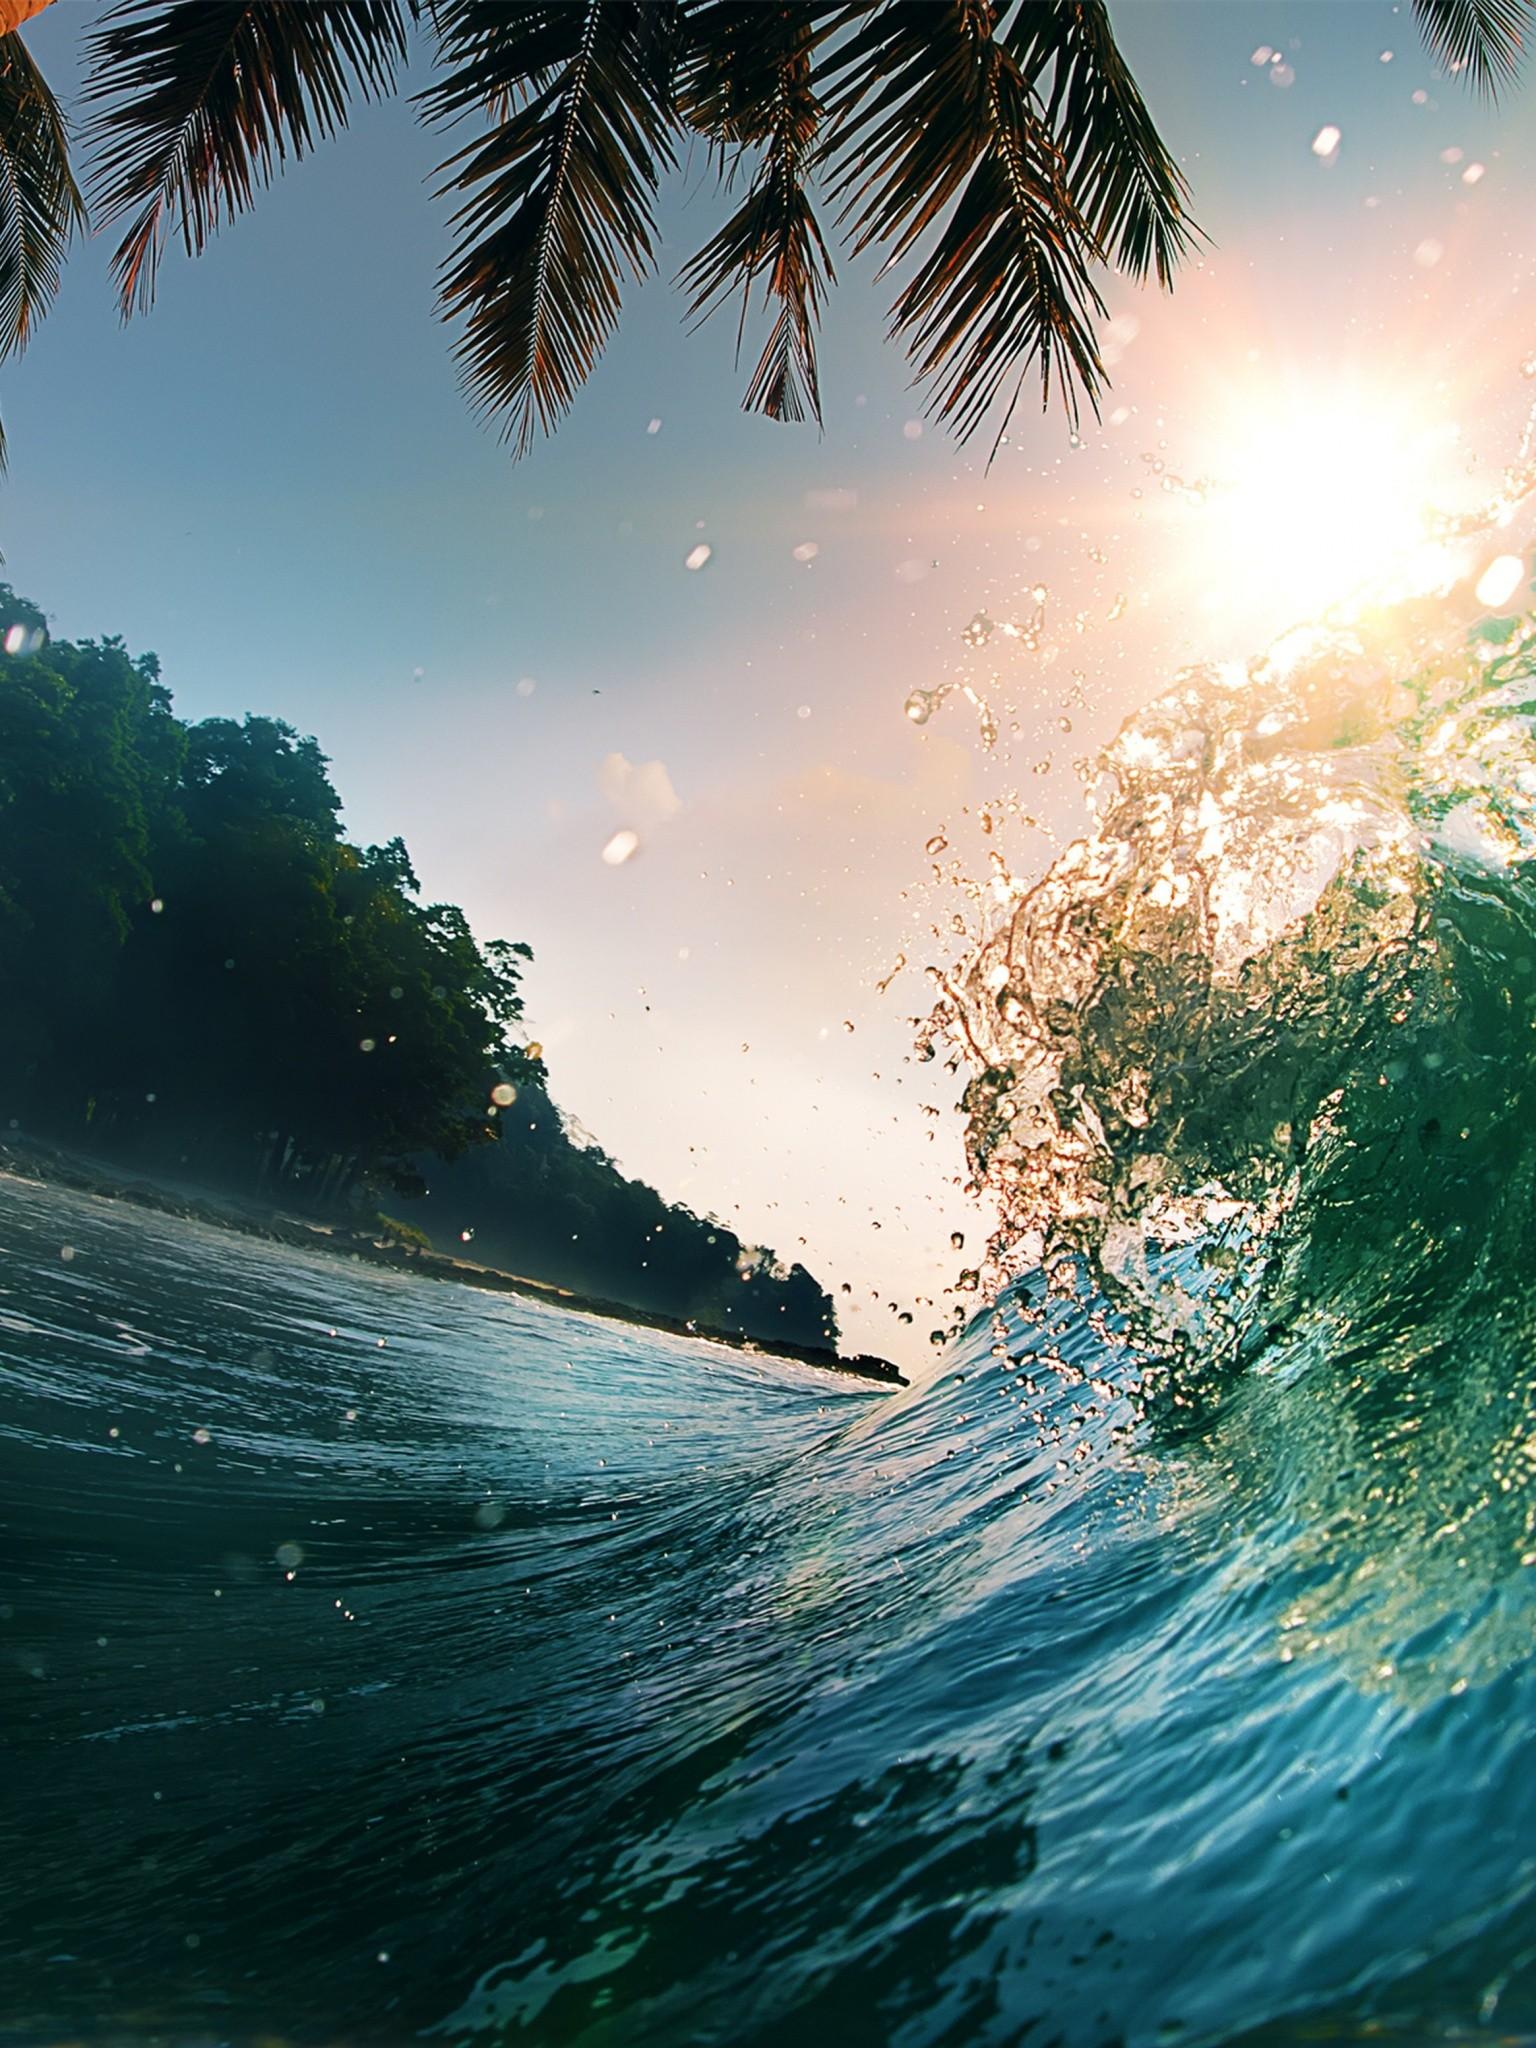 Waves Sea Ocean Beach Palm Trees Wallpaper   [1536x2048] 1536x2048